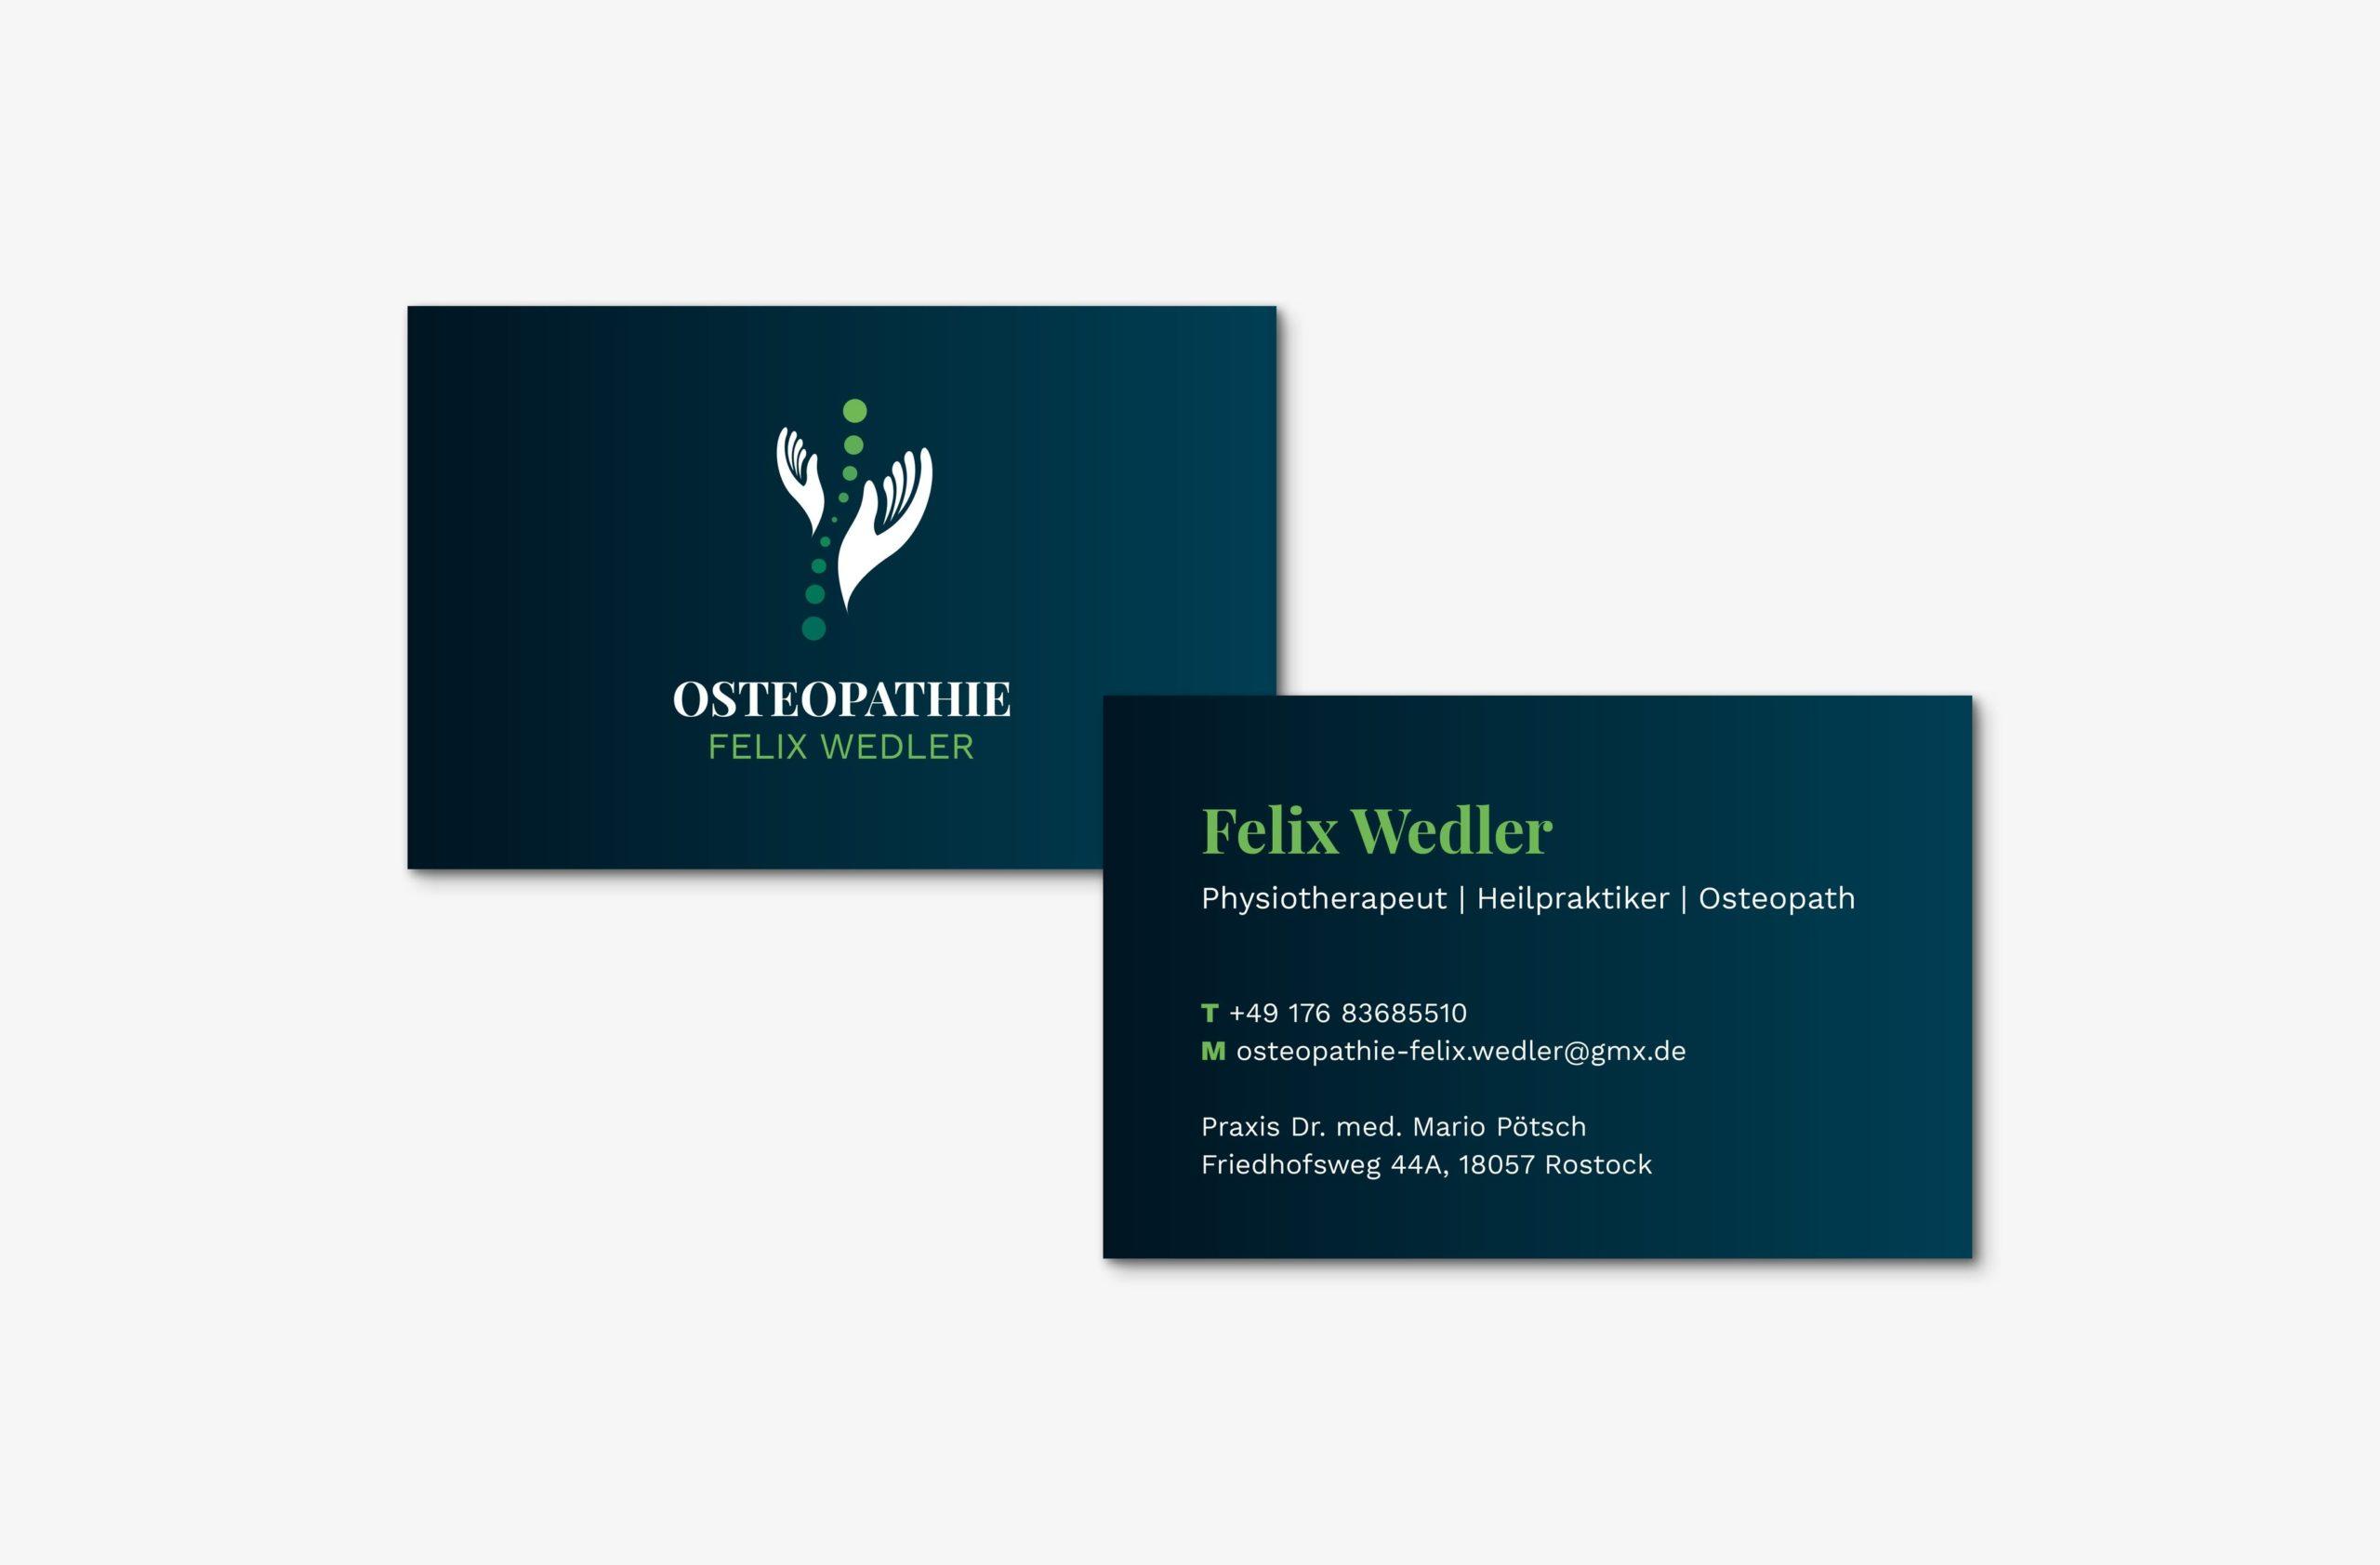 Felix Wedler Visitenkarte